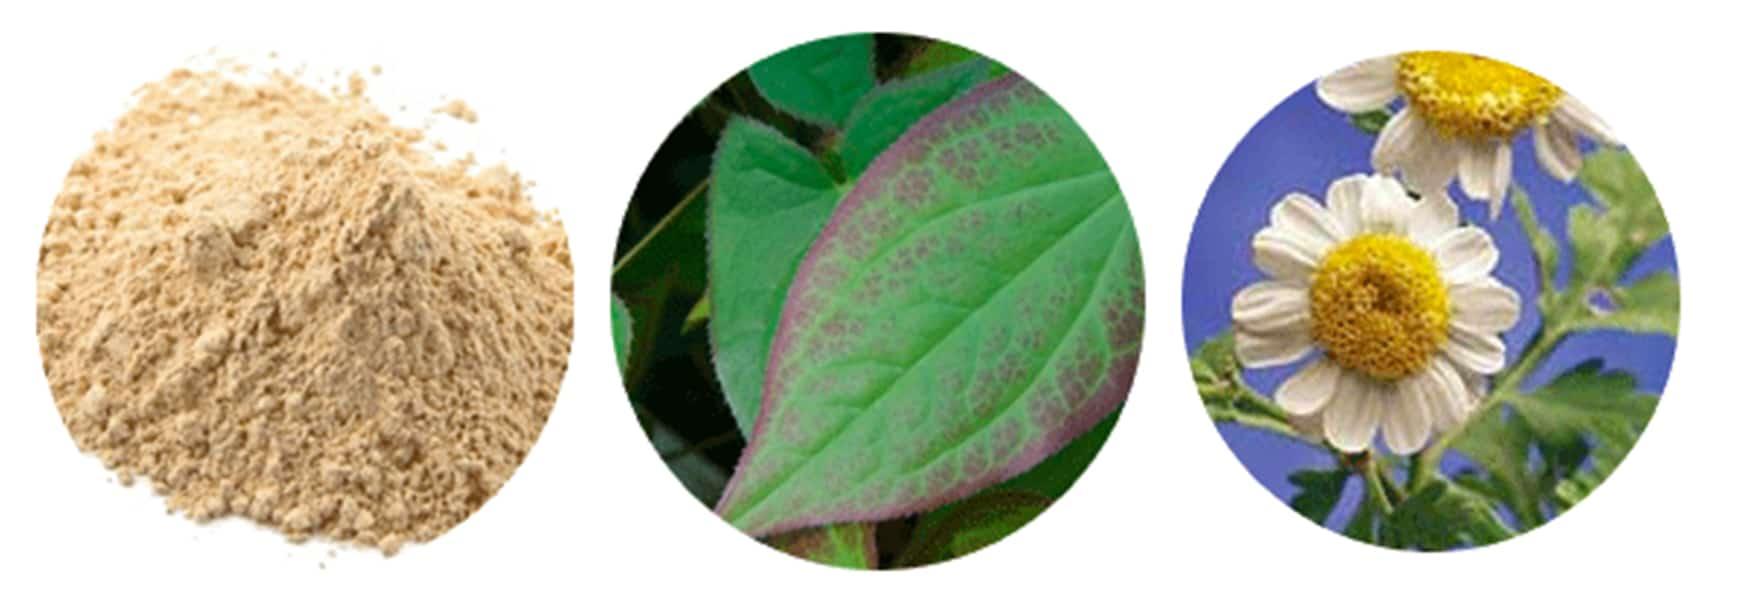 Semenax results plants